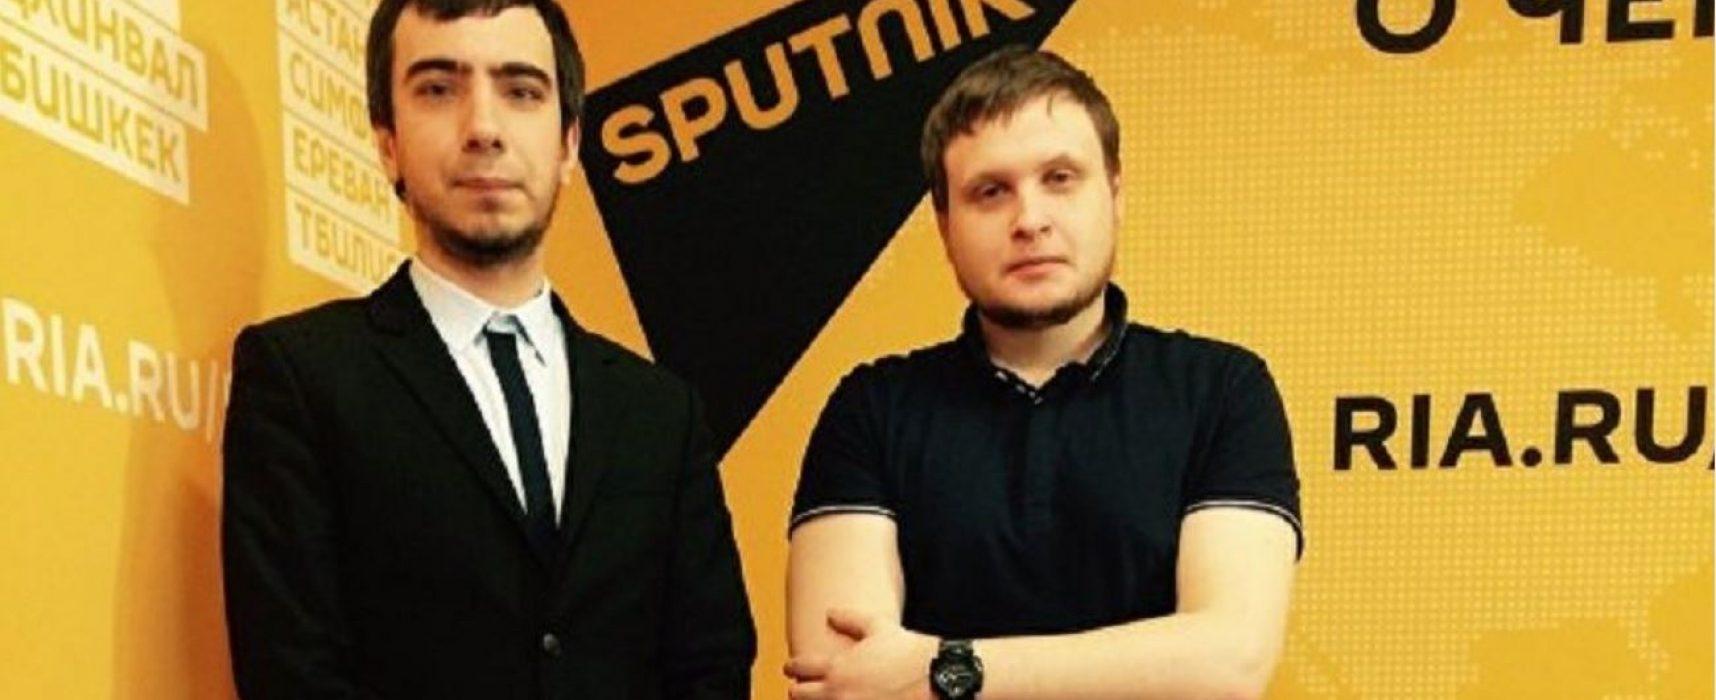 Прокремлевская пропаганда руками шутников